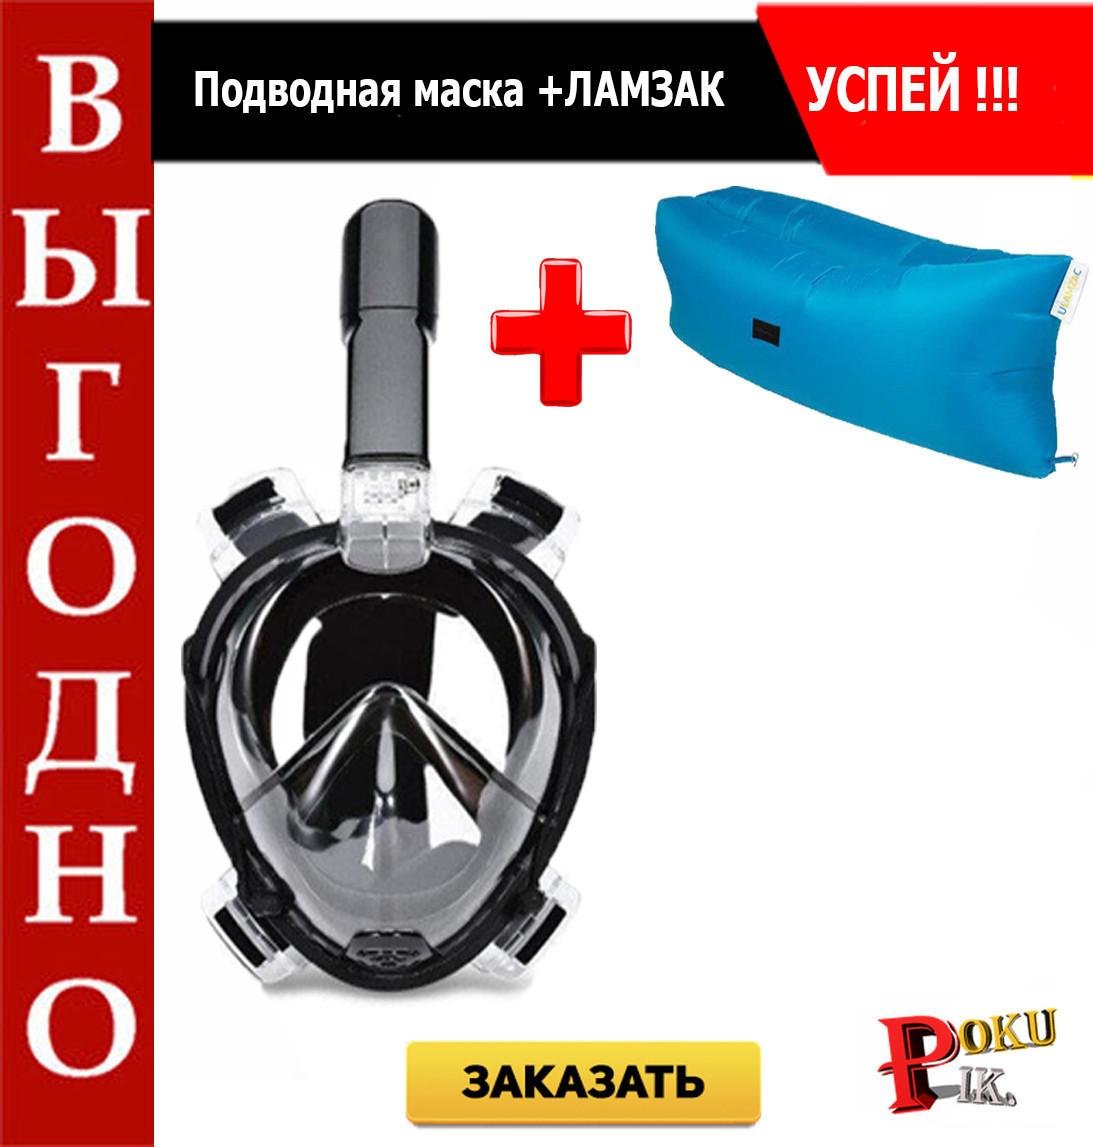 Подводная маскаJust Breath Pro Diving Mask+ЛАМЗАК